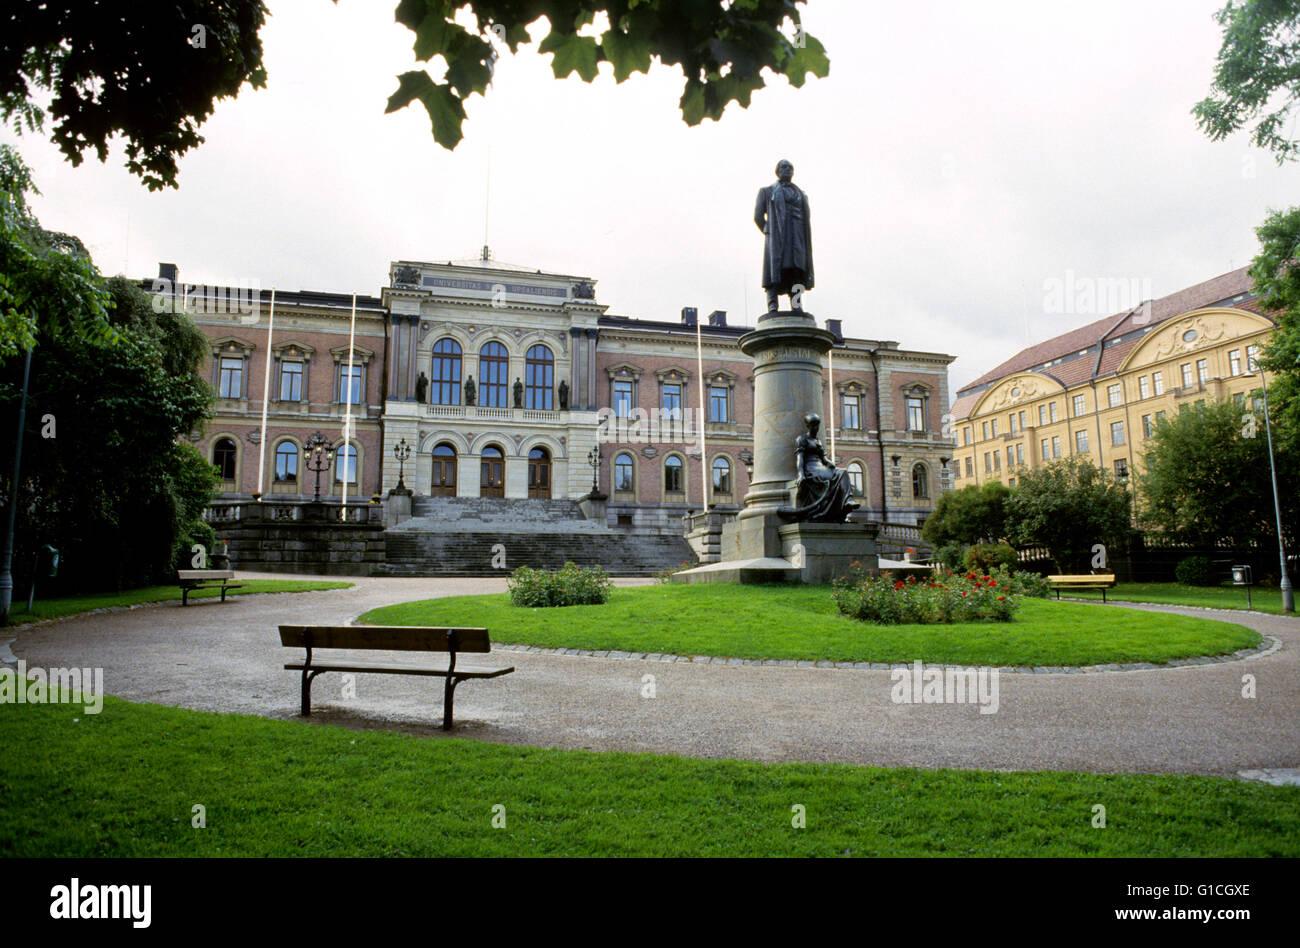 La plus ancienne université Uppsal siège enseignements en Suède Photo Stock